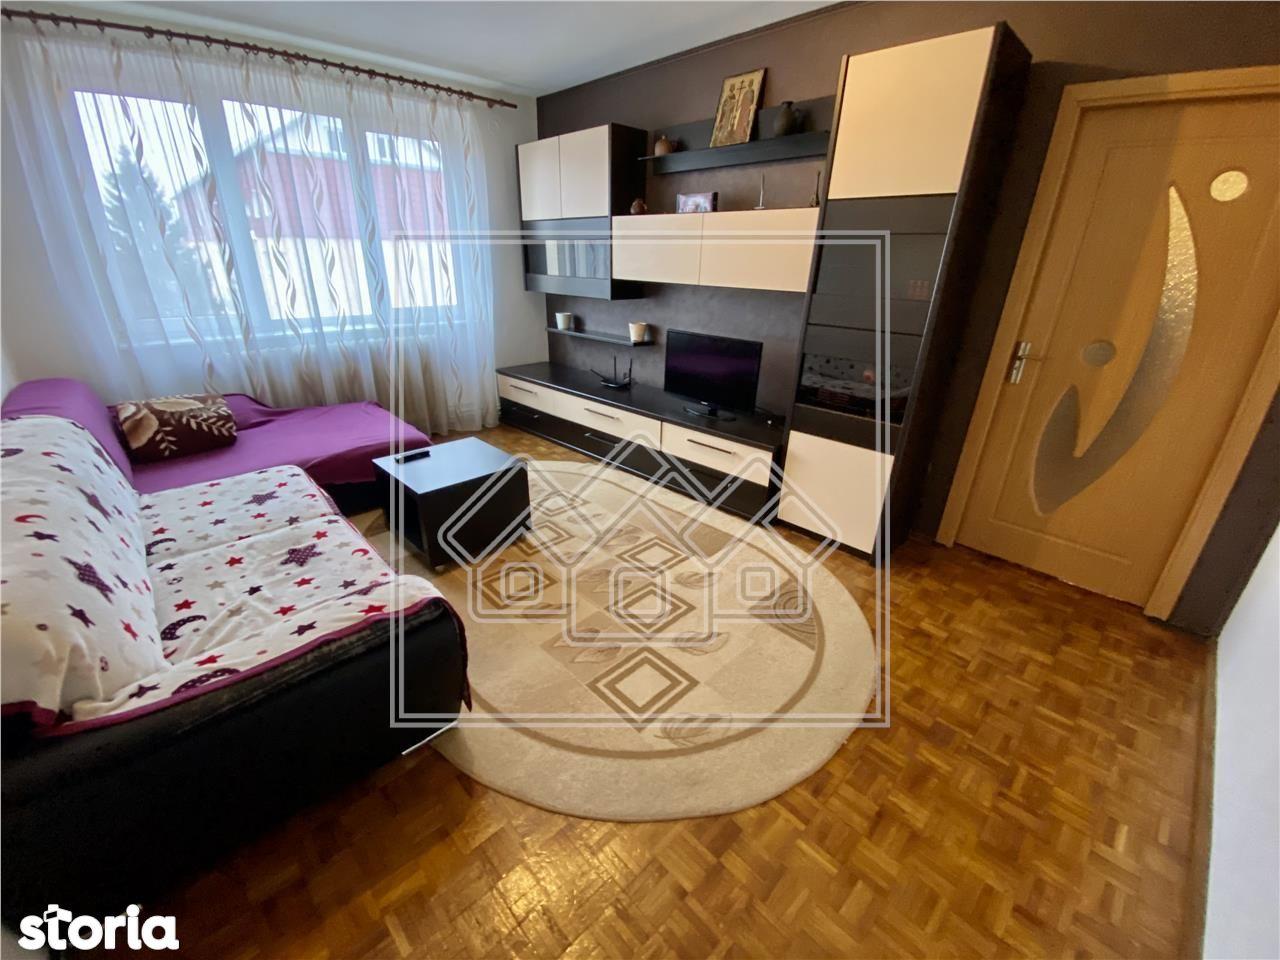 Ap. 4 camere - 80mp + balcon - zona Rahovei - reper Biteco